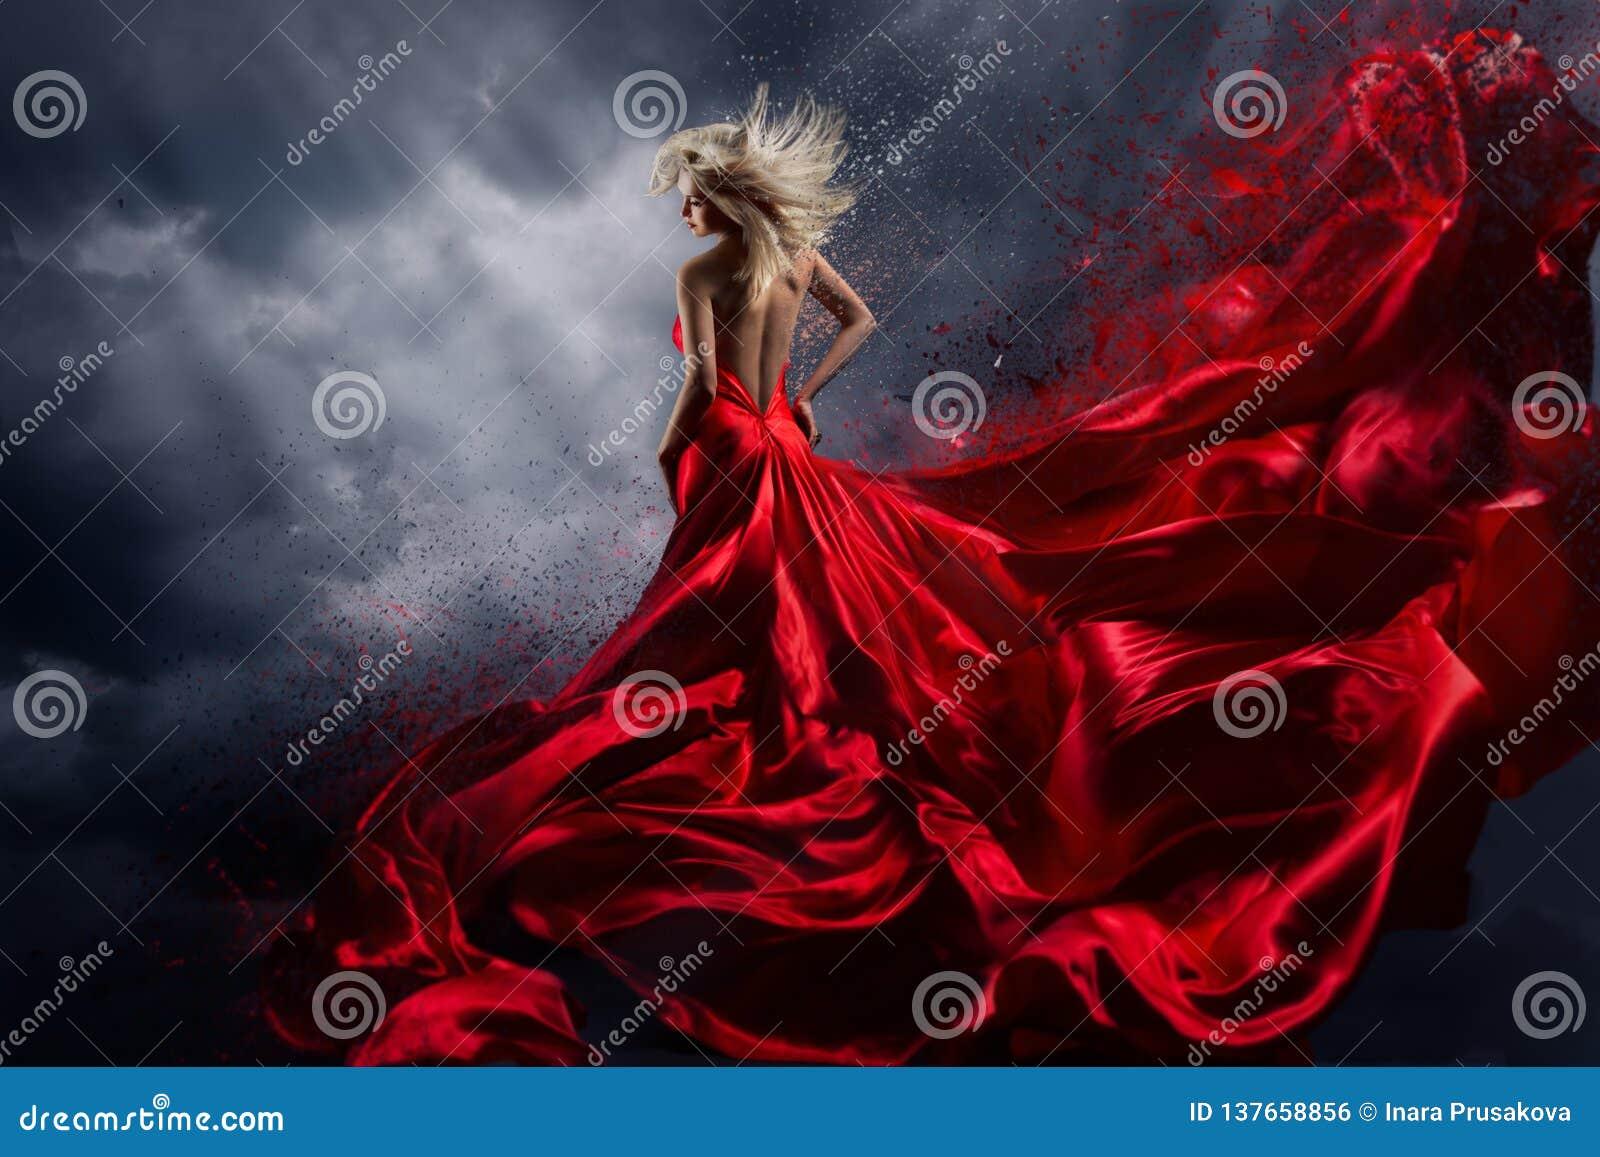 Γυναίκα στον κόκκινο χορό φορεμάτων πέρα από τον ουρανό θύελλας, κυματίζοντας ύφασμα εσθήτων